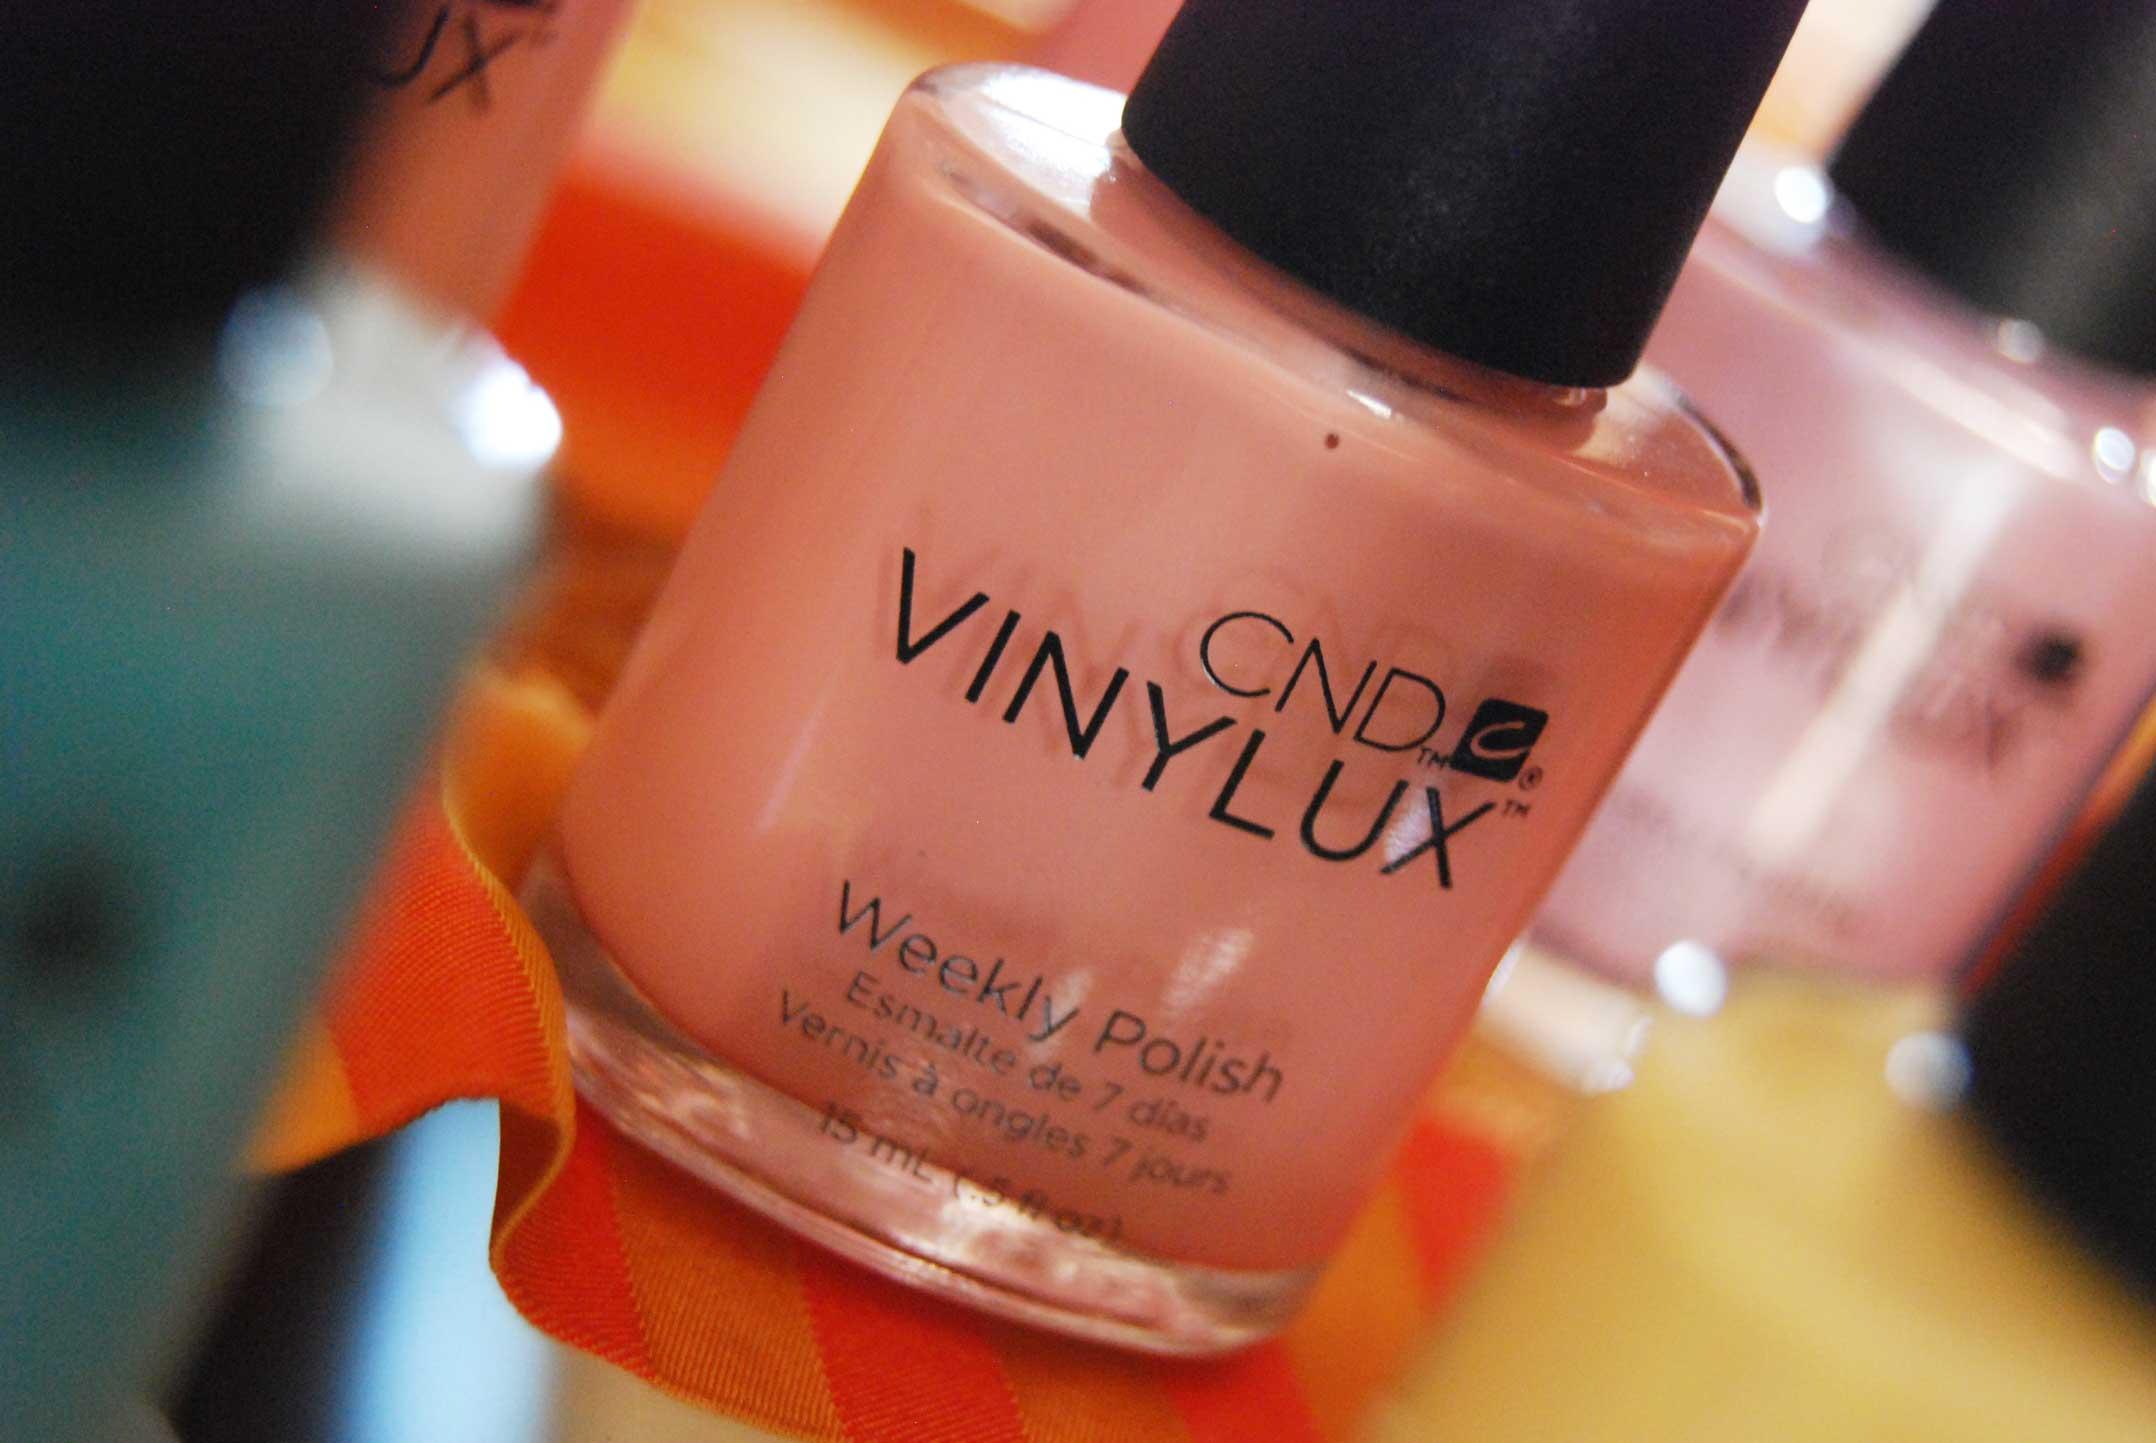 Foto dello smalto rosa intenso CND Vinylux